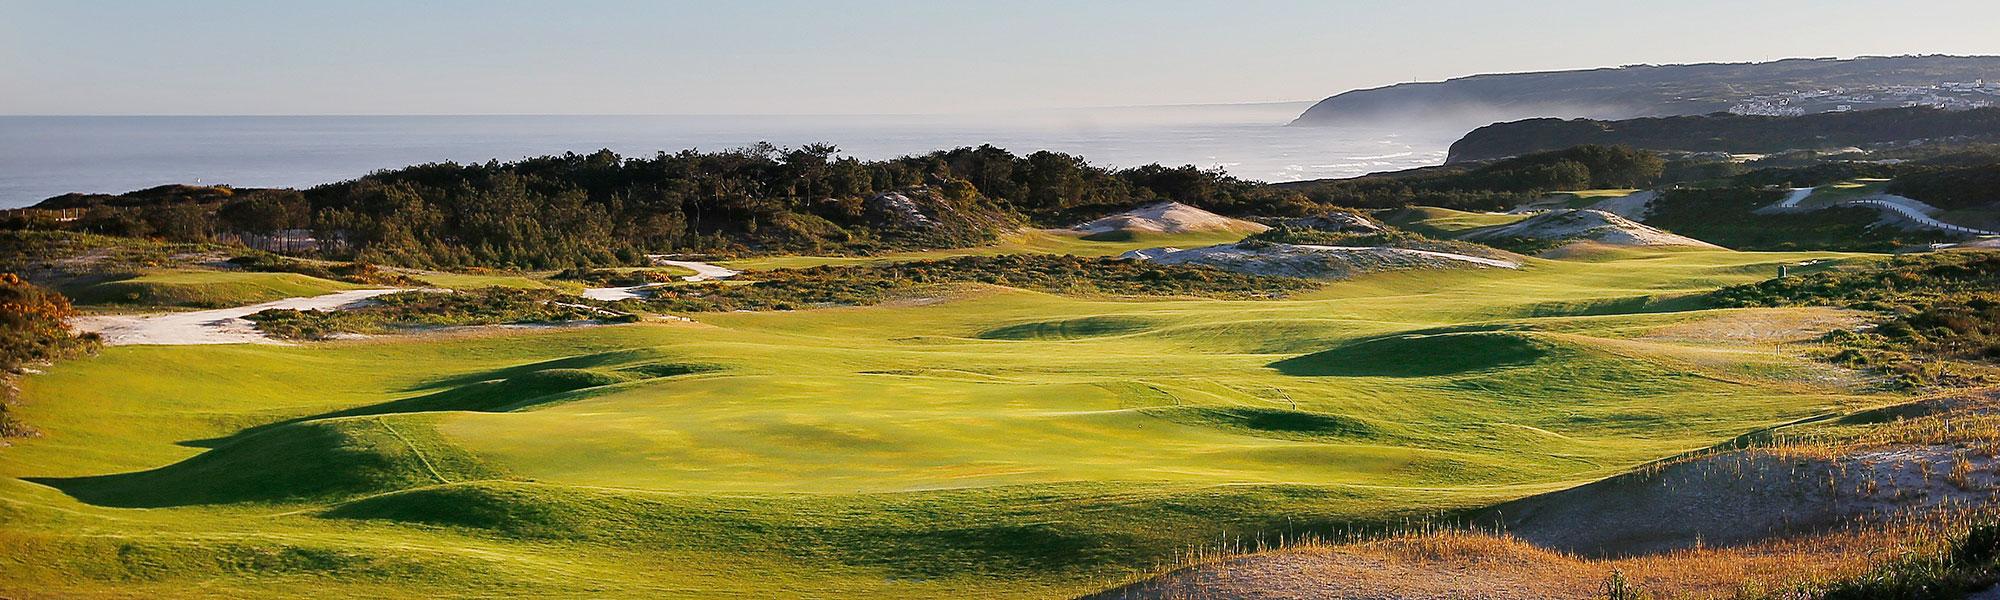 Links Golf in Lisbon